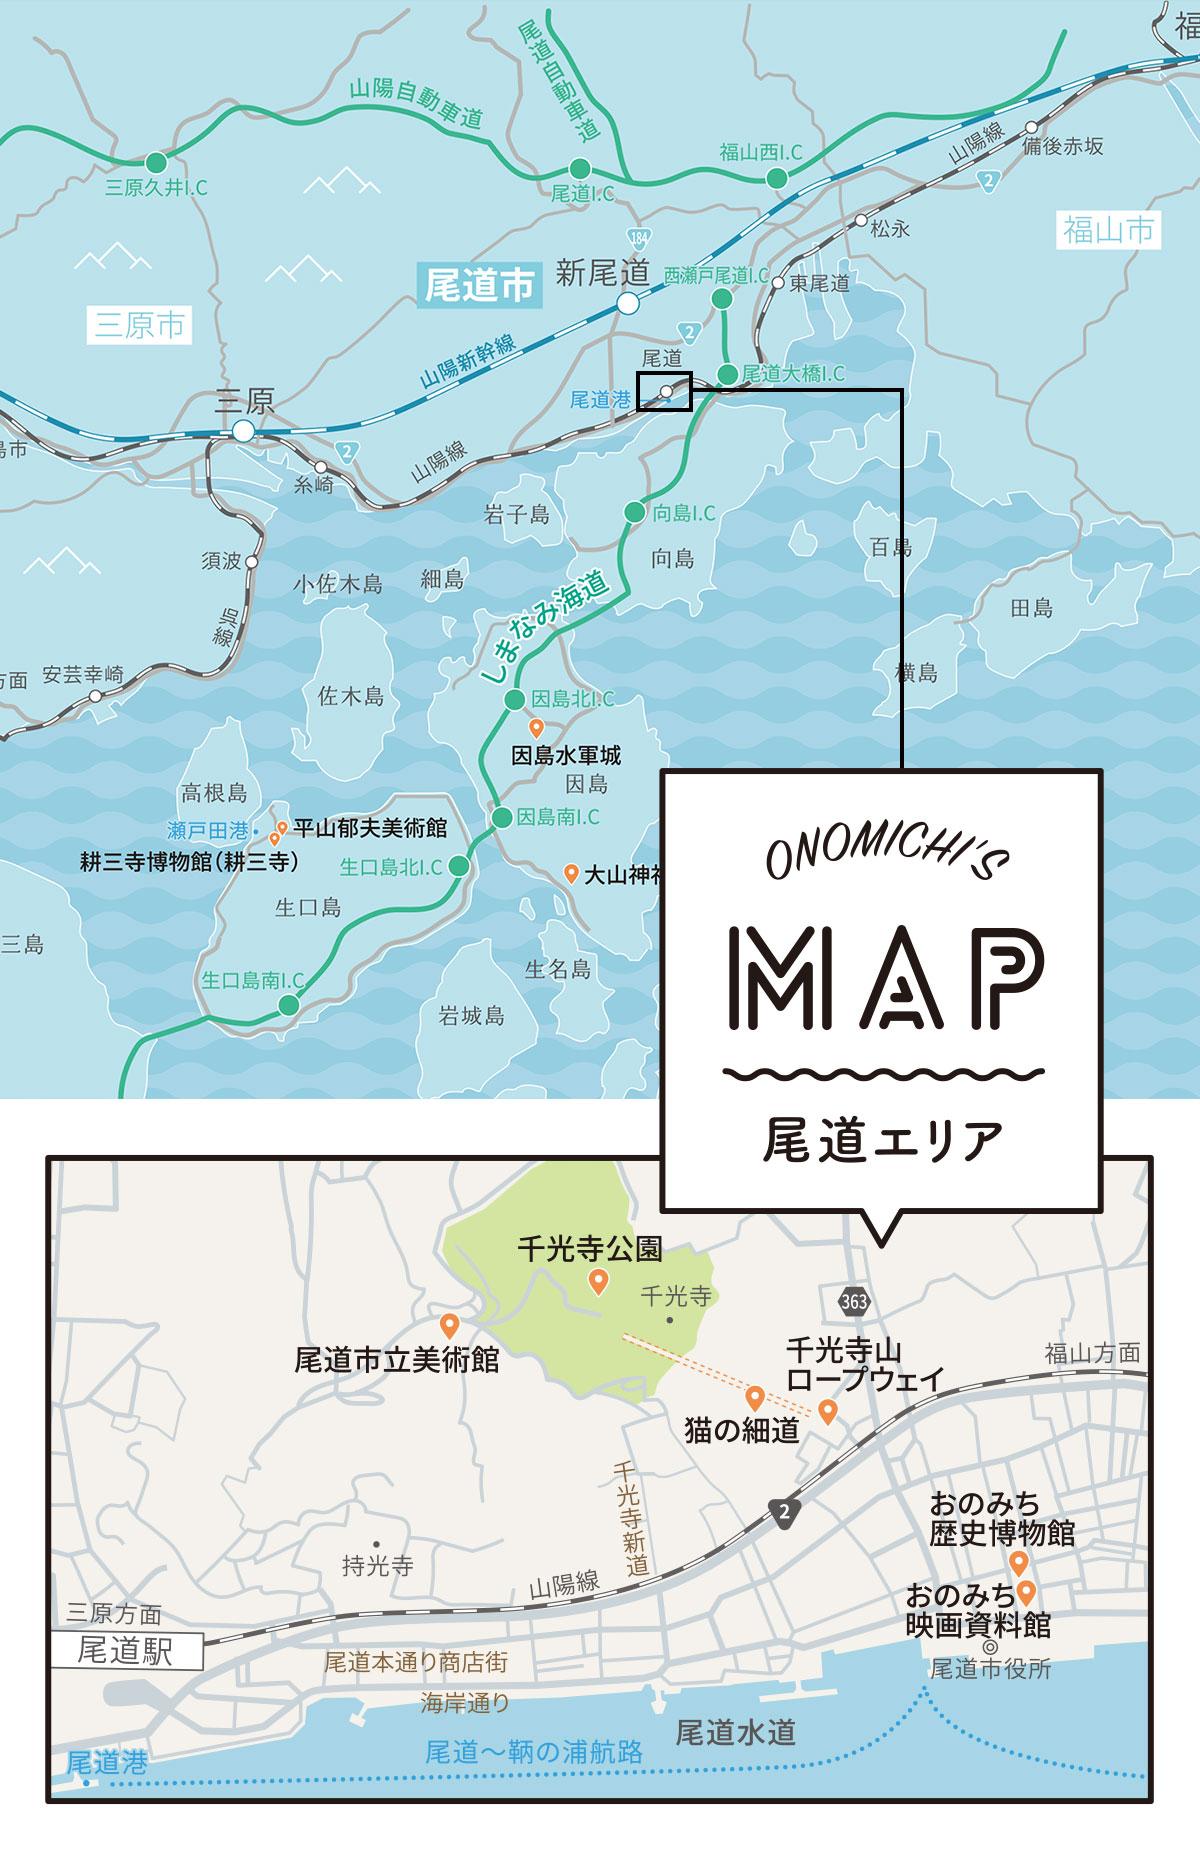 尾道エリア ONOMICHI'S MAP